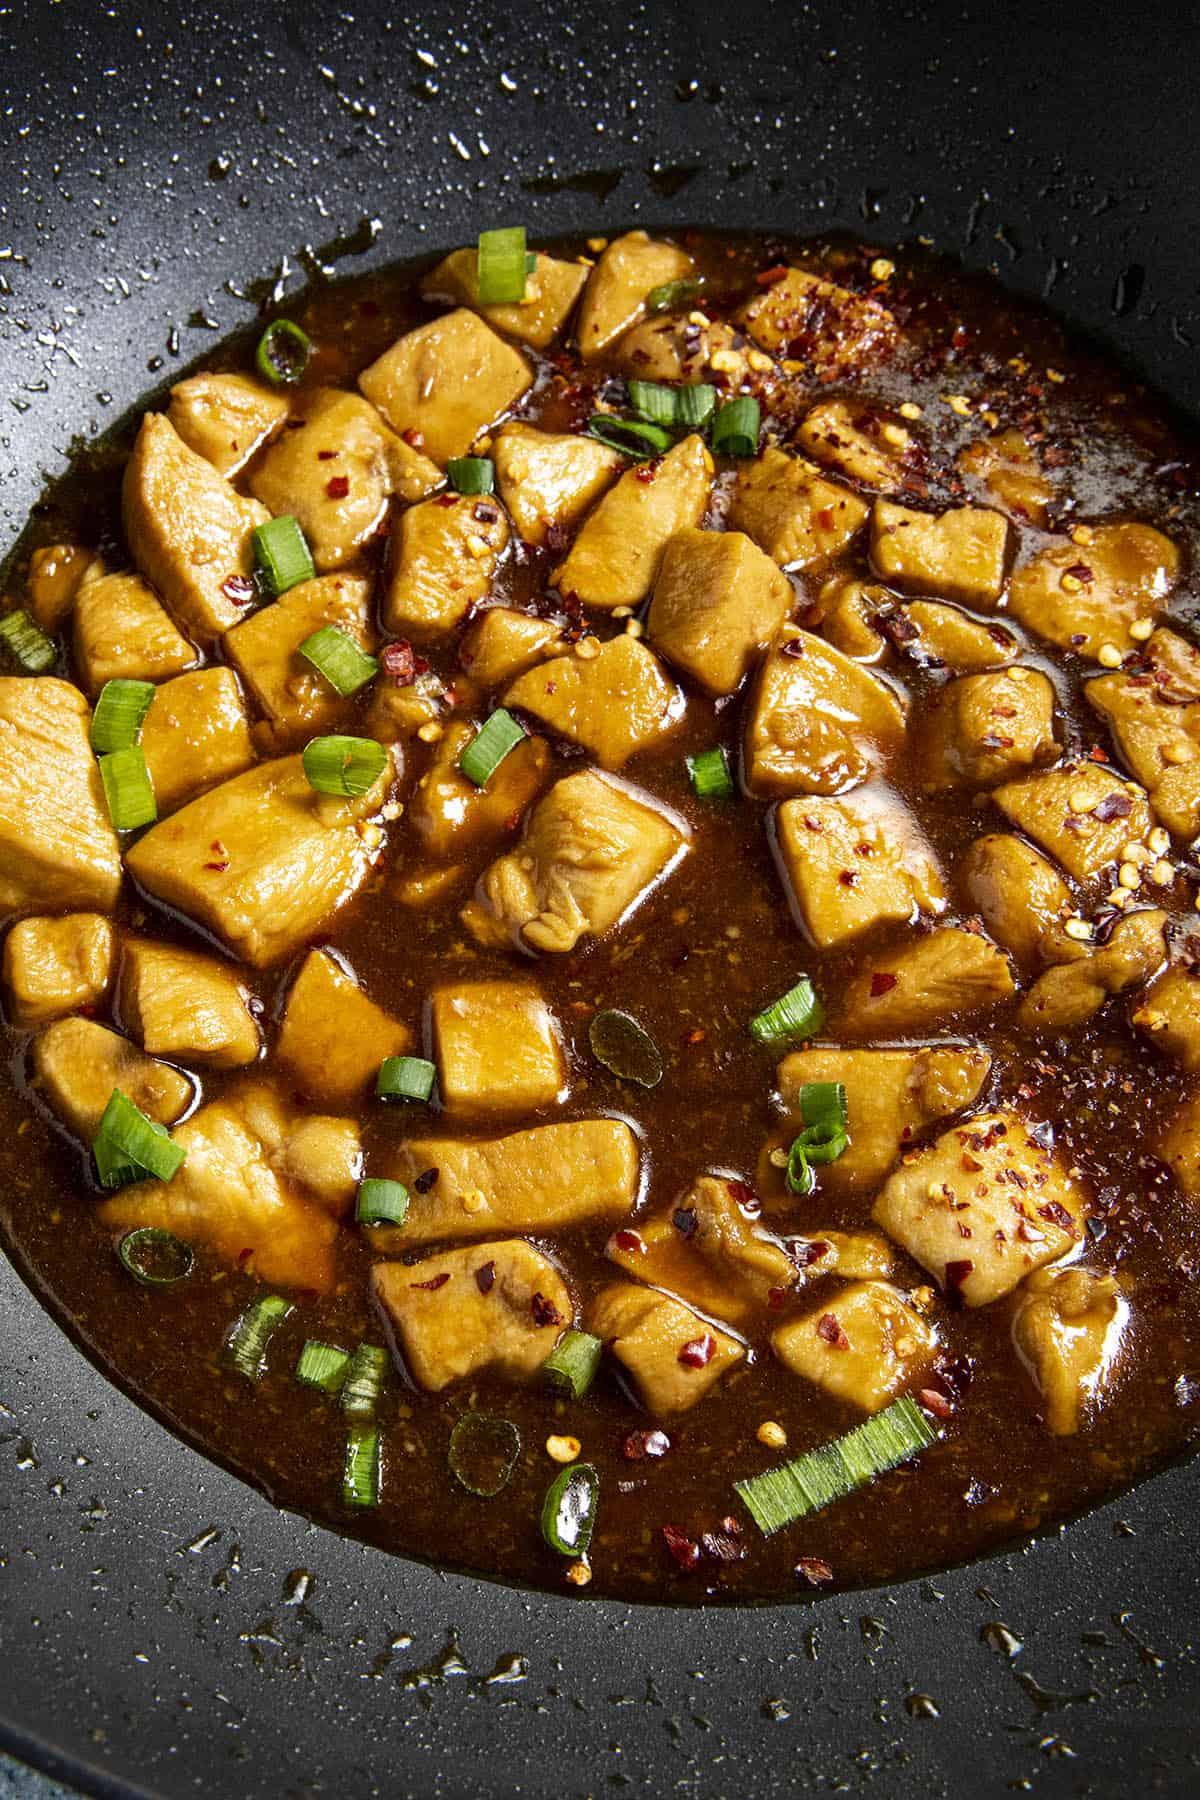 Spicy Bourbon Chicken in a wok